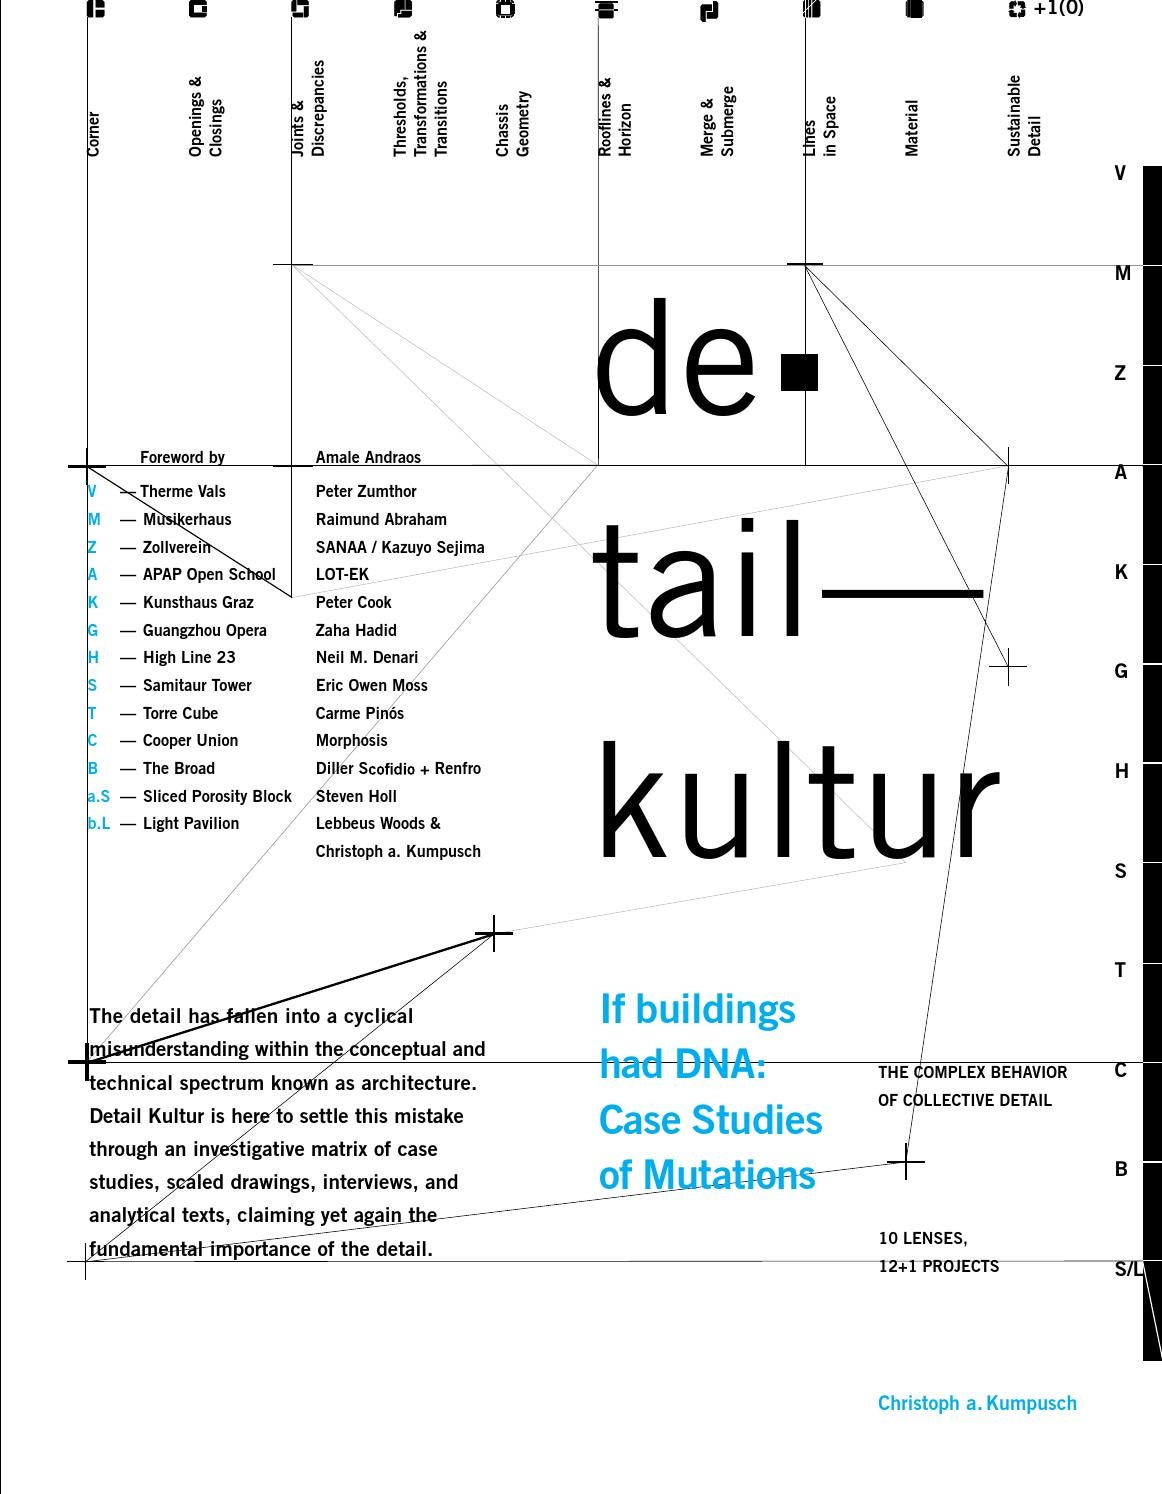 Detail Kultur_Christoph a. Kumpusch_EN_Part 01